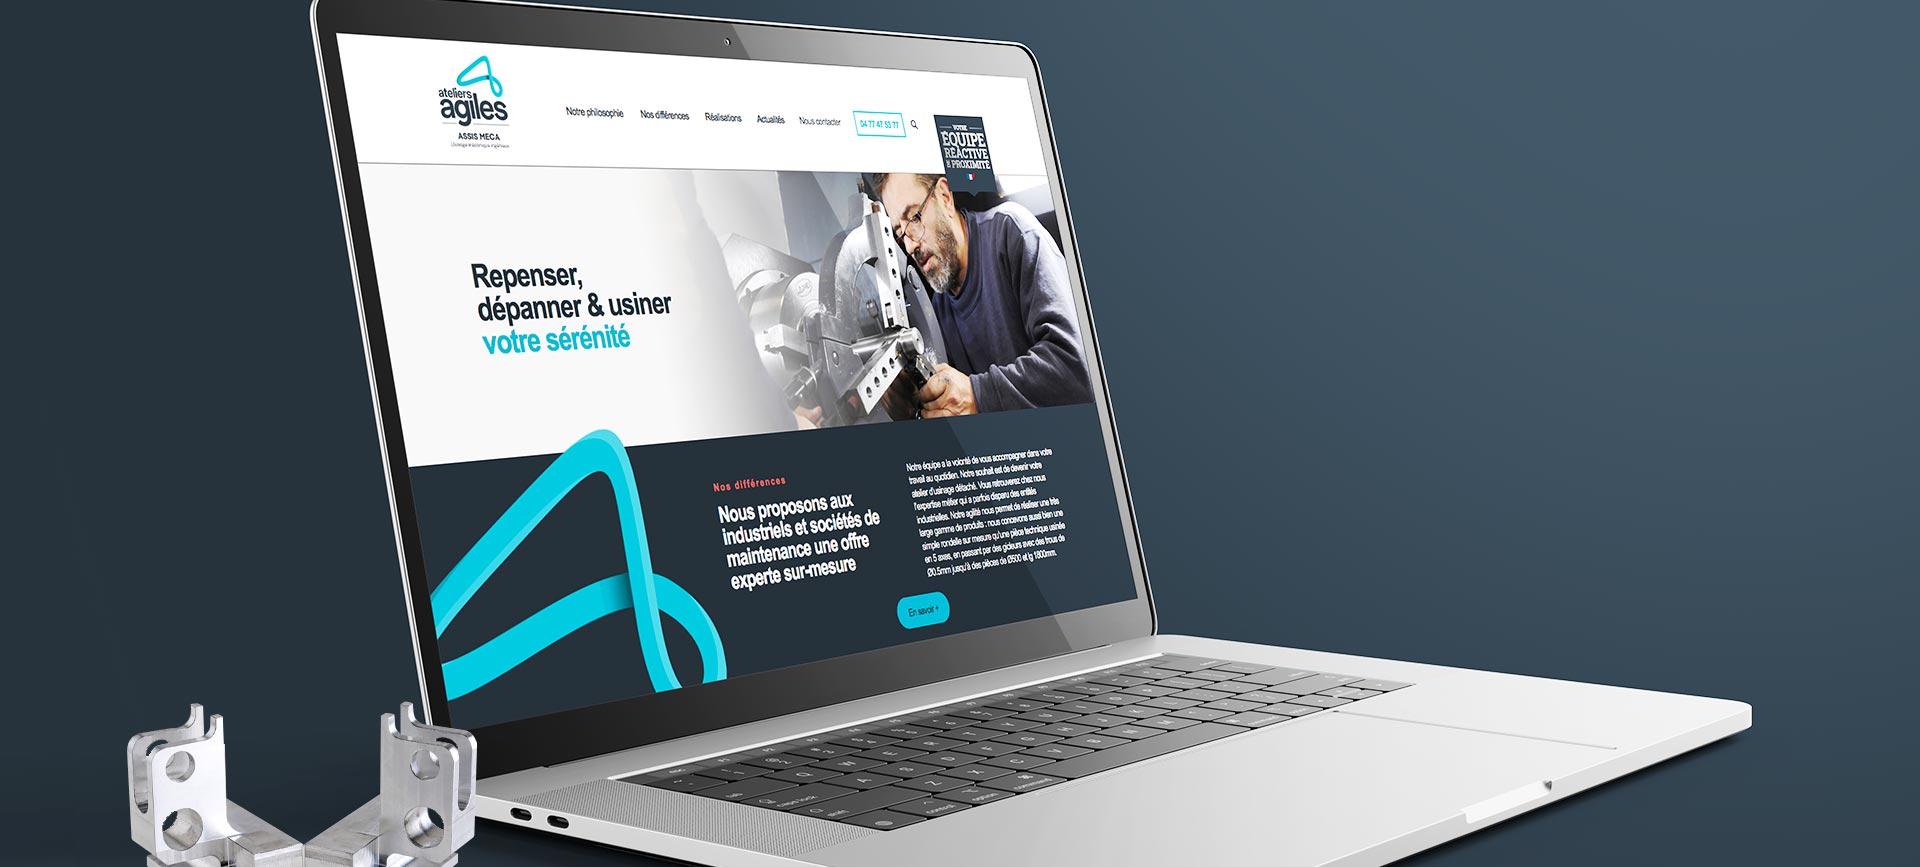 Mockup du site Ateliers Agiles pour leur branding